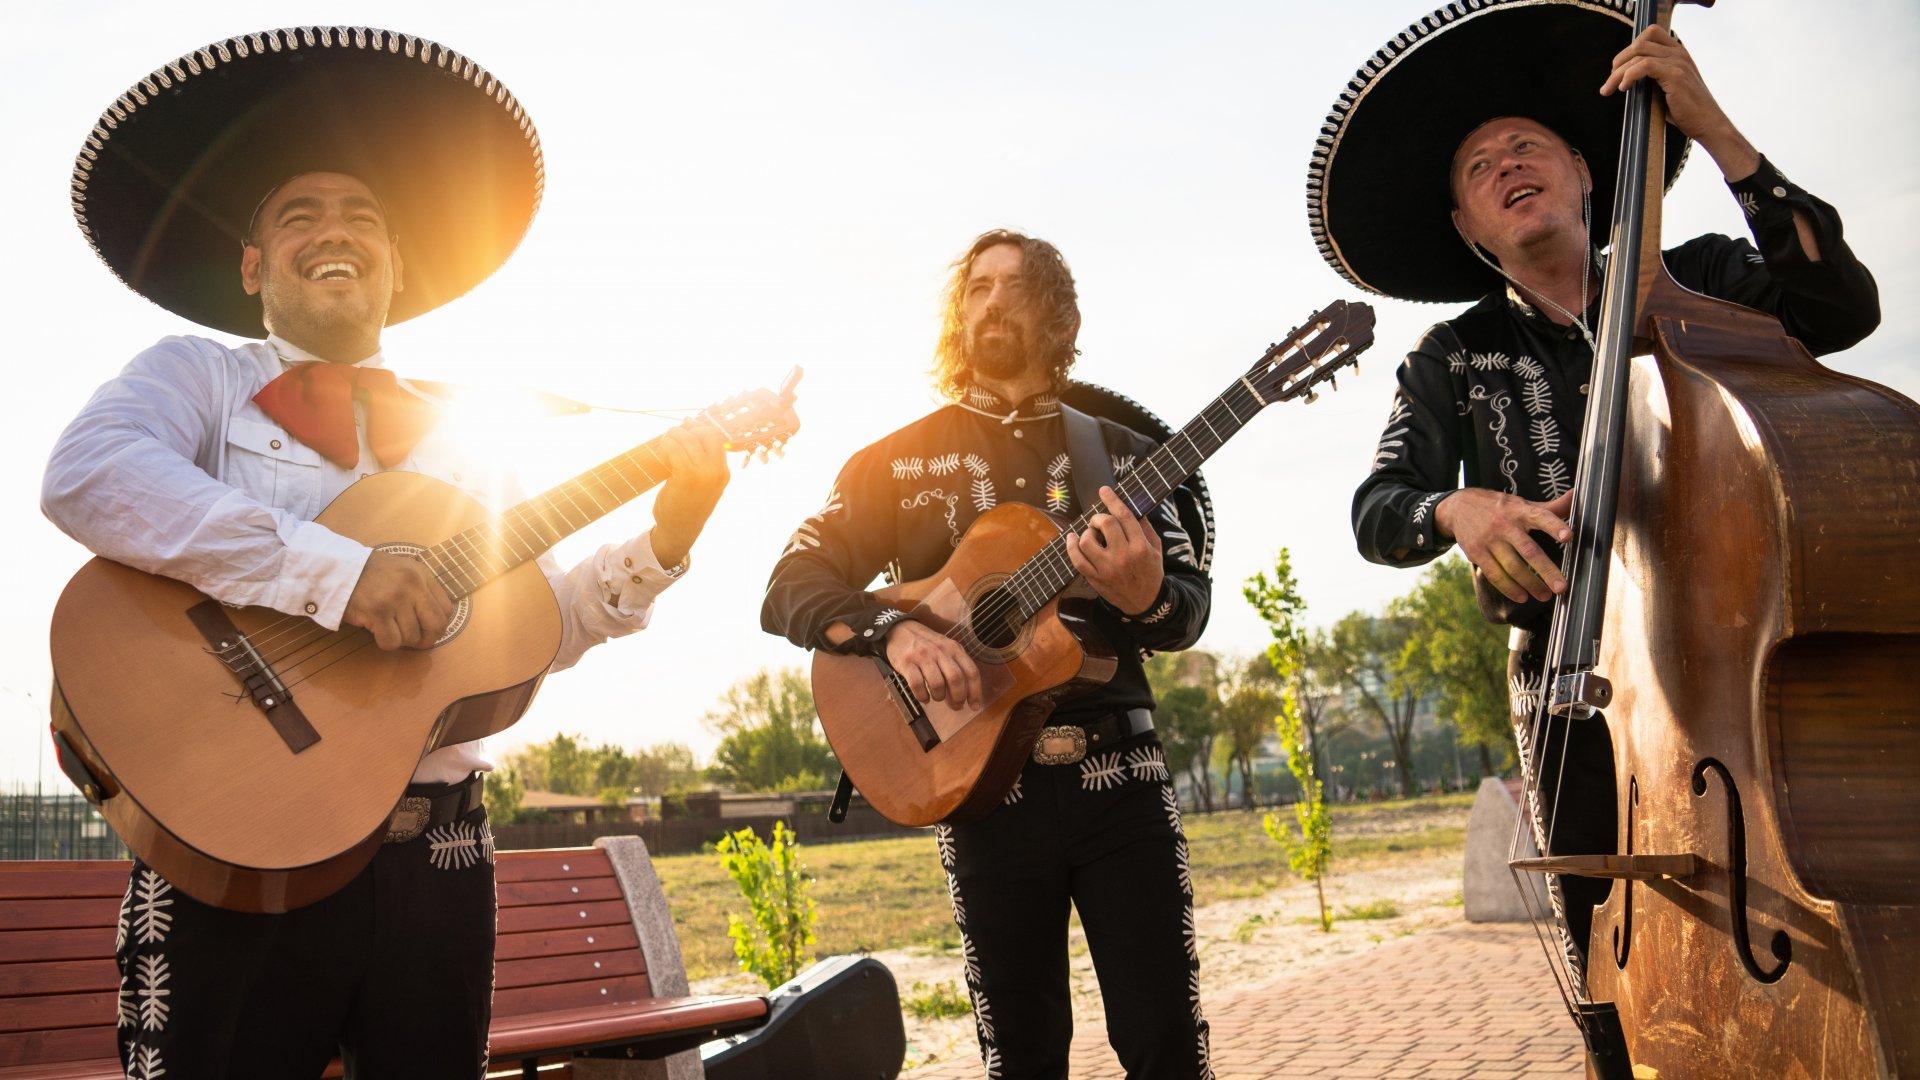 La Culture Du Mexique | Tout Savoir Sur Les Mariachis tout Musicien Mexicain